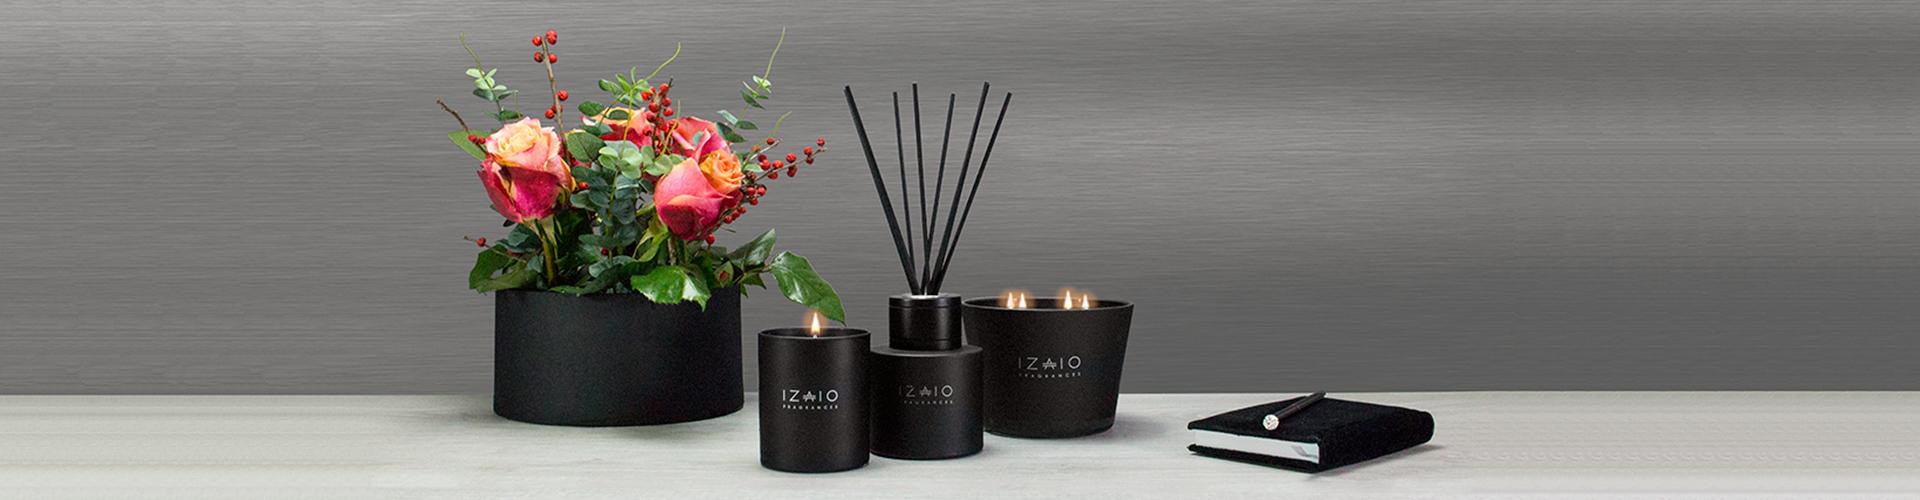 Големи ароматни свещи за подарък